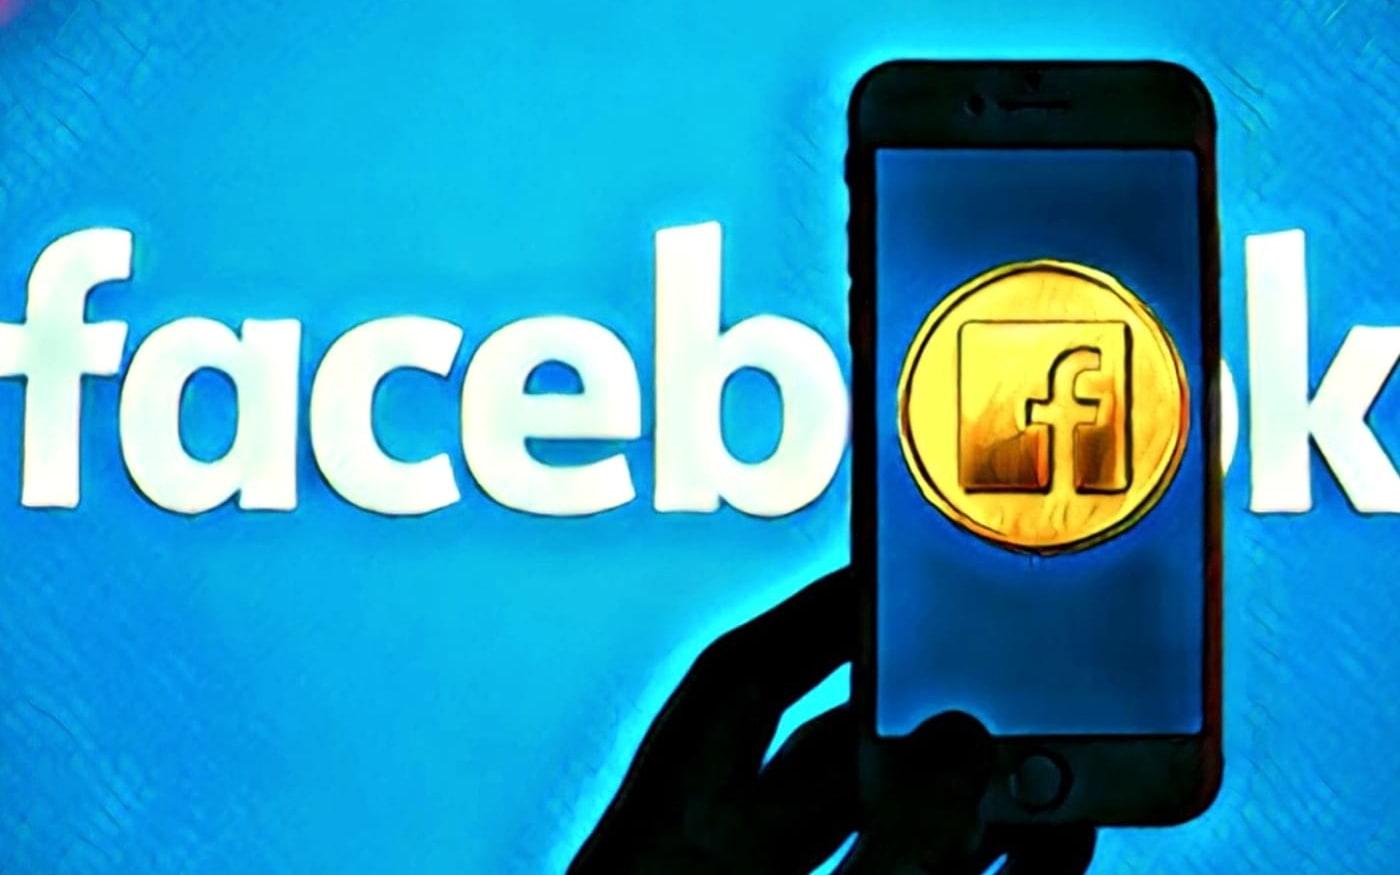 Criptomoeda do Facebook será anunciada e tem apoio de Visa, Mastercard, Uber e outros